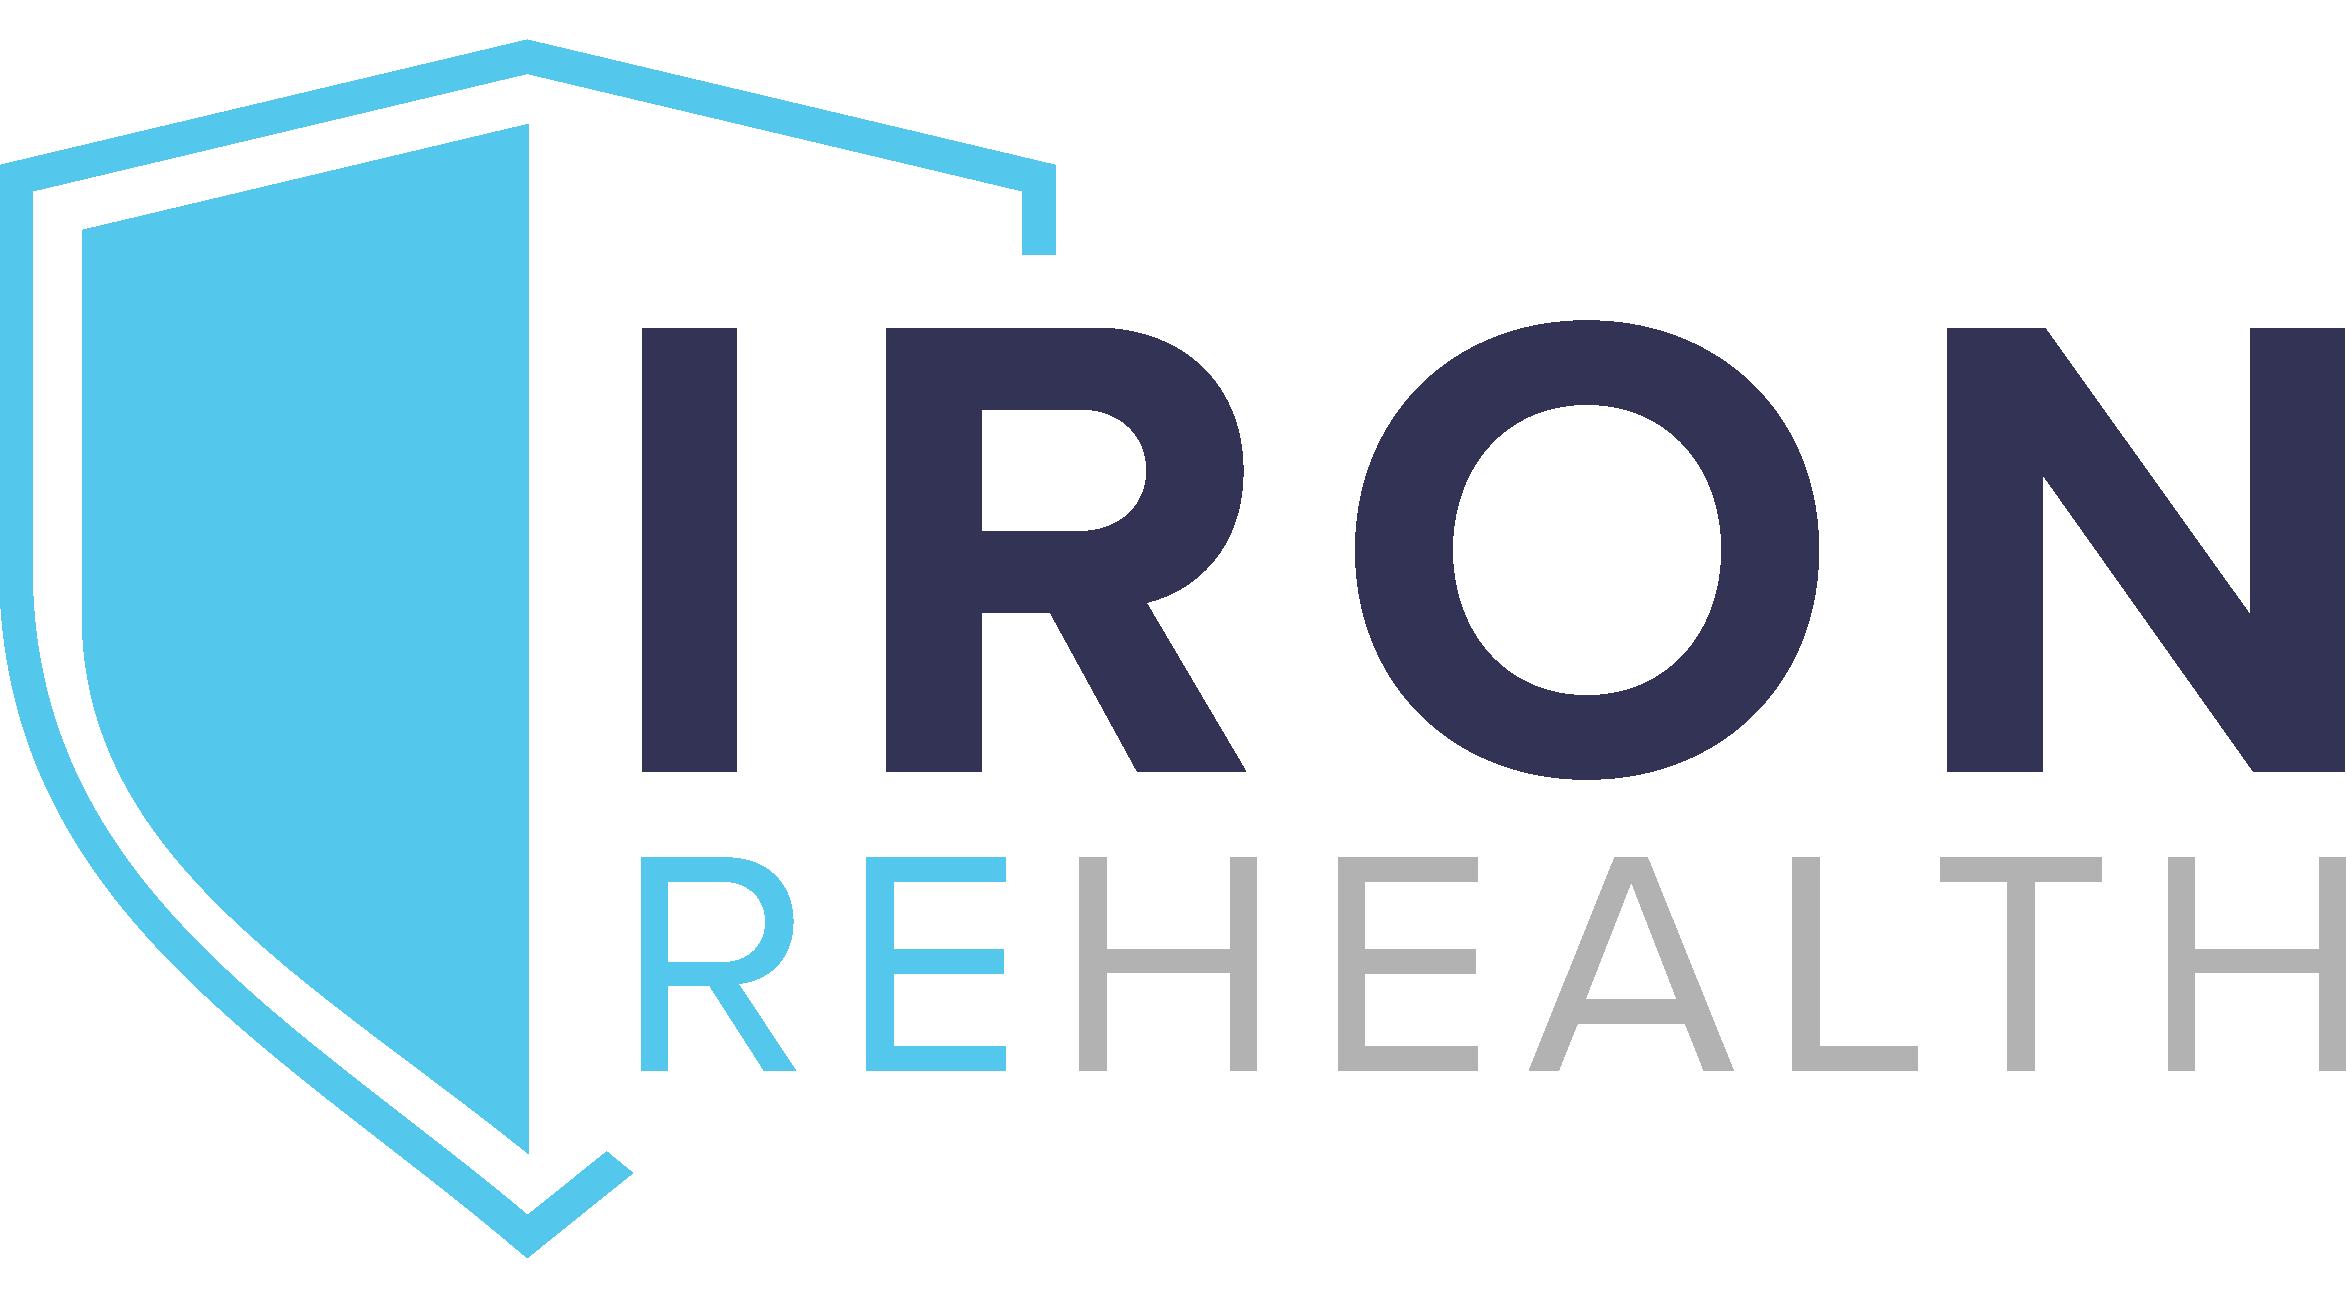 Iron ReHealth